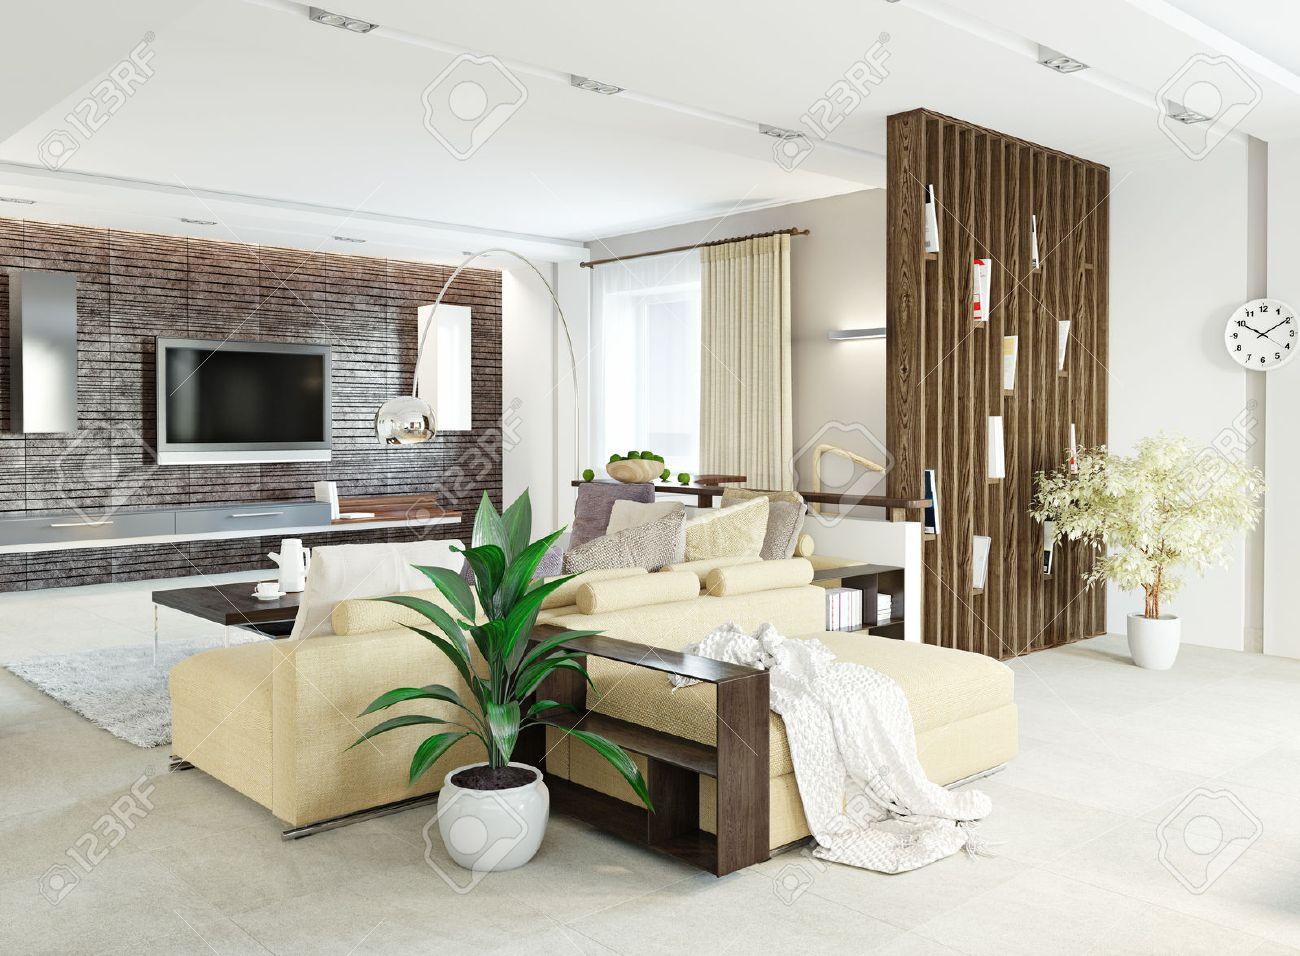 Moderne Wohnzimmer Interior Design (3d-Konzept) Lizenzfreie Fotos ...